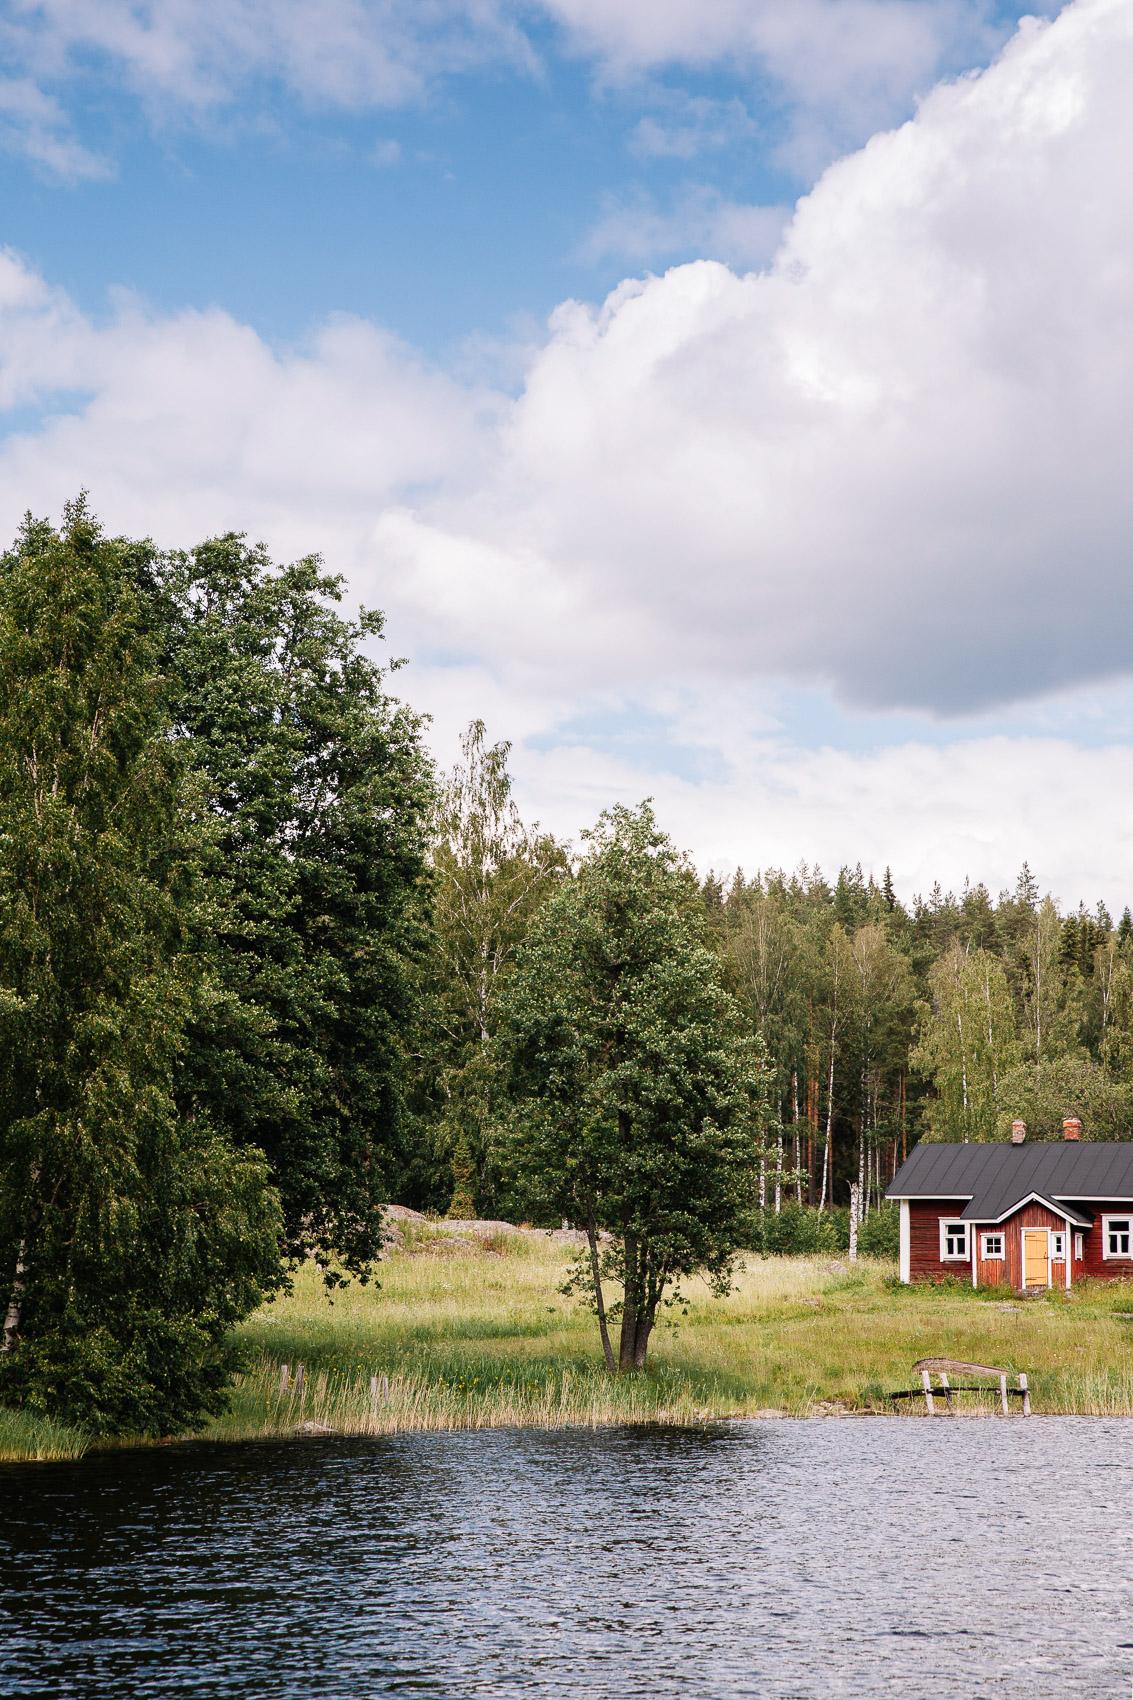 Finish cottage